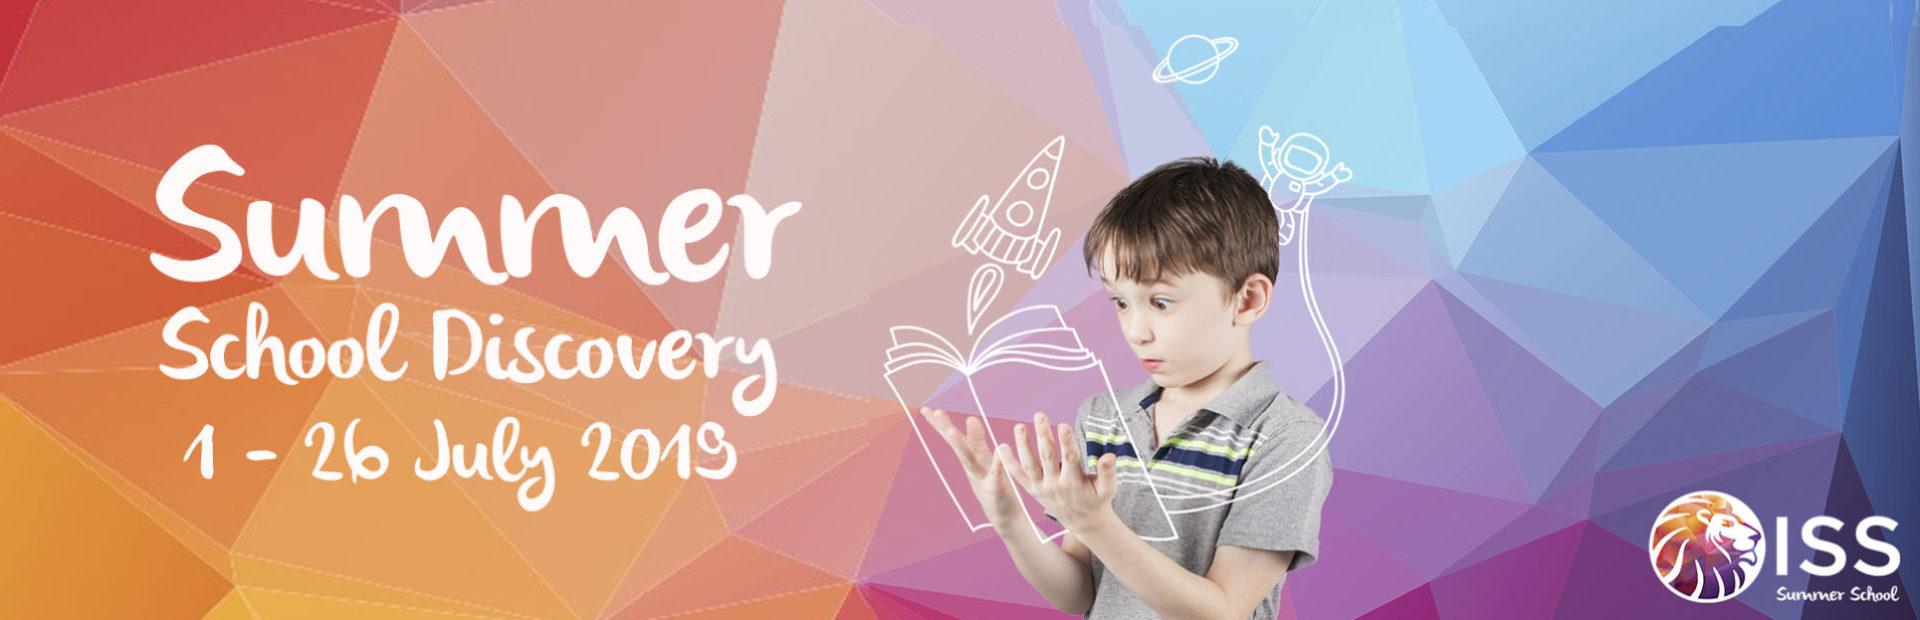 summer-website-banner